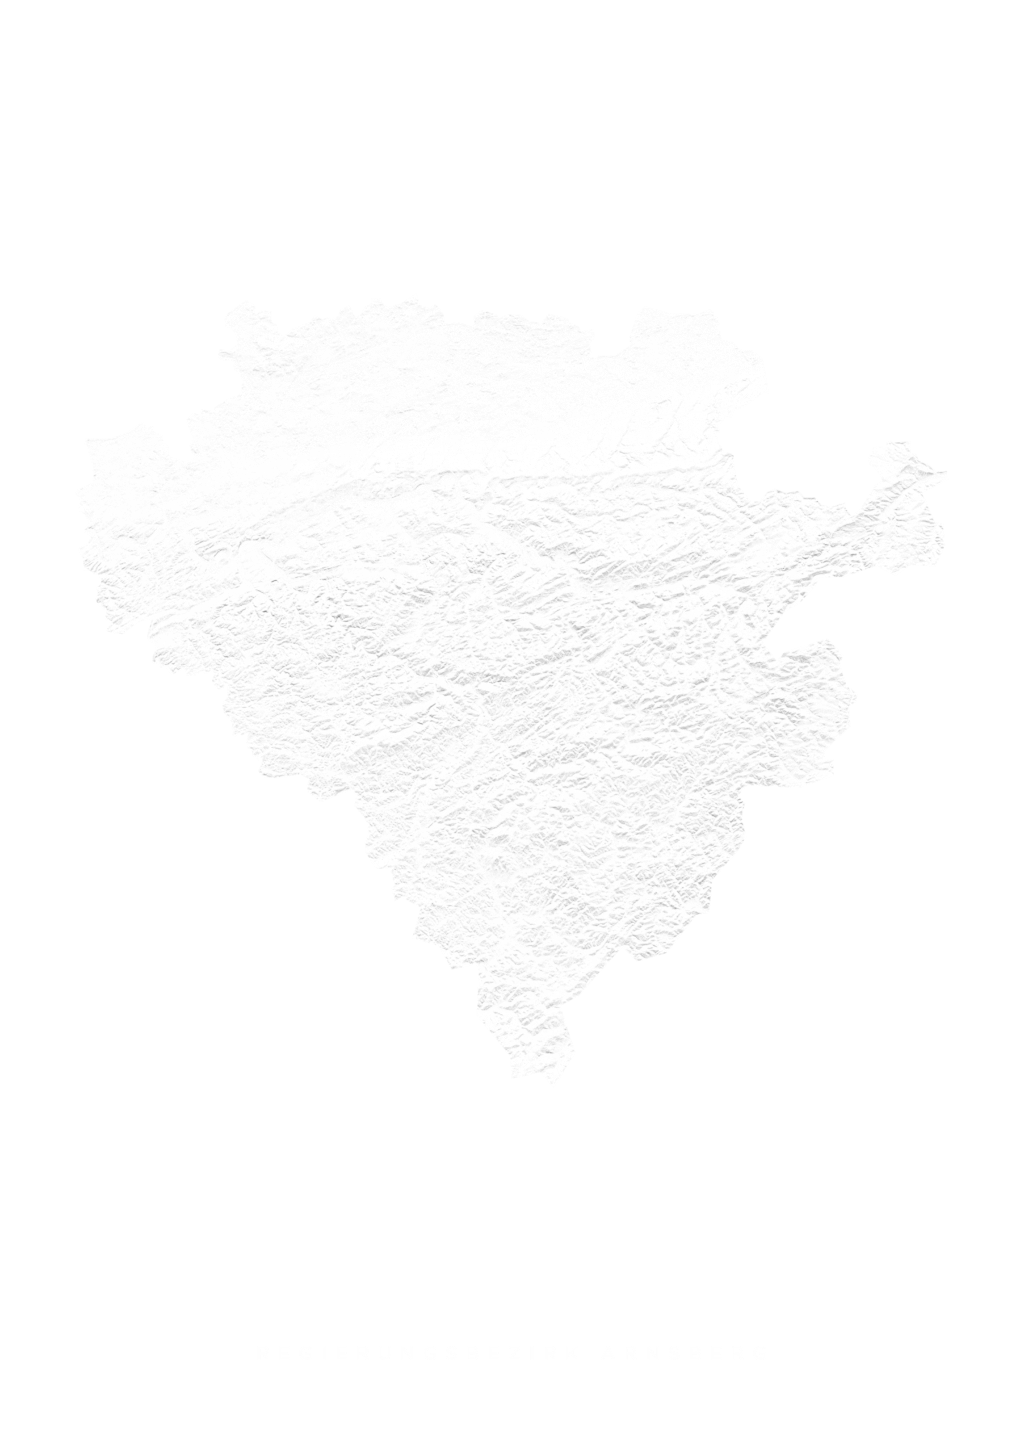 Regierungsbezirk Arnsberg wall map